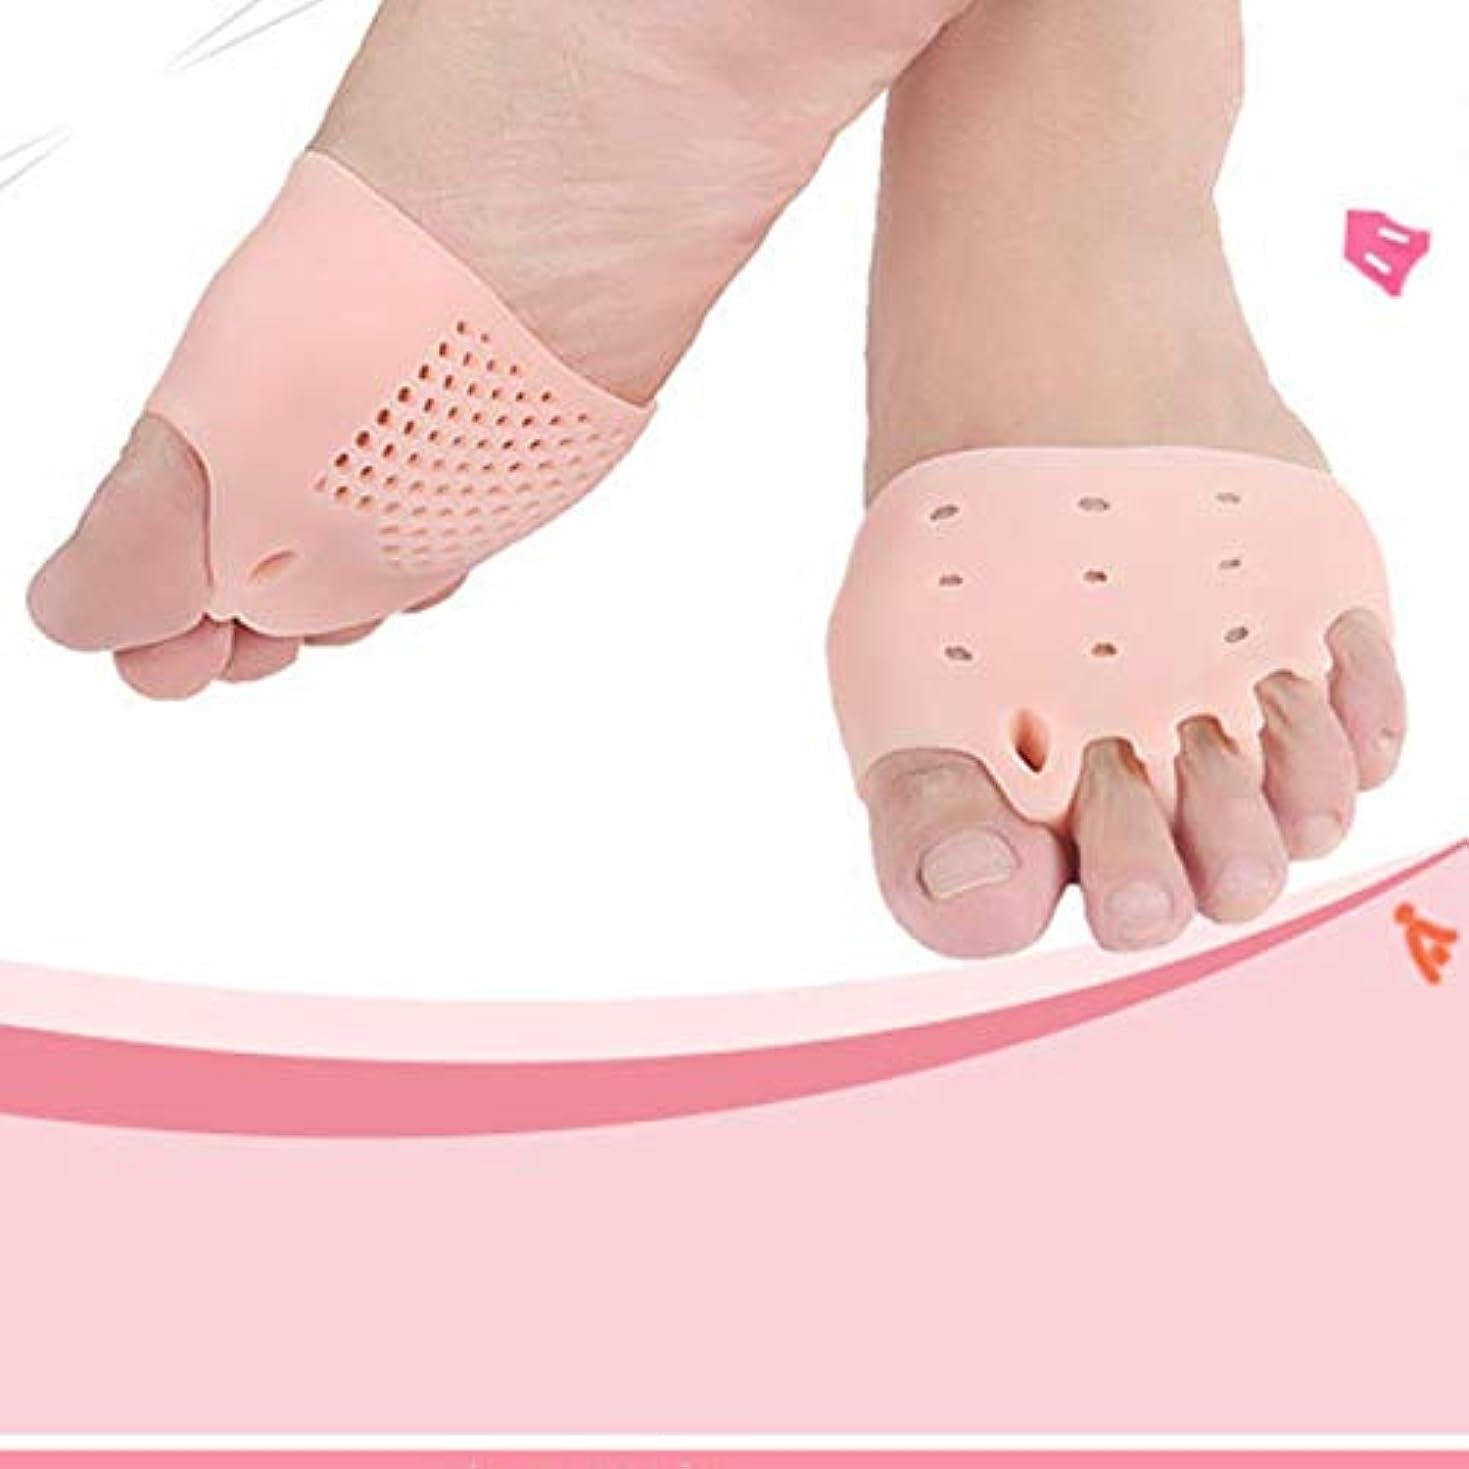 裏切り者番目冷凍庫SEBS Silicone Toe Separator Honeycomb Forefoot Cushion Pad with 5 Loops Thumb Valgus Corretcor Toe Bracer Foot...